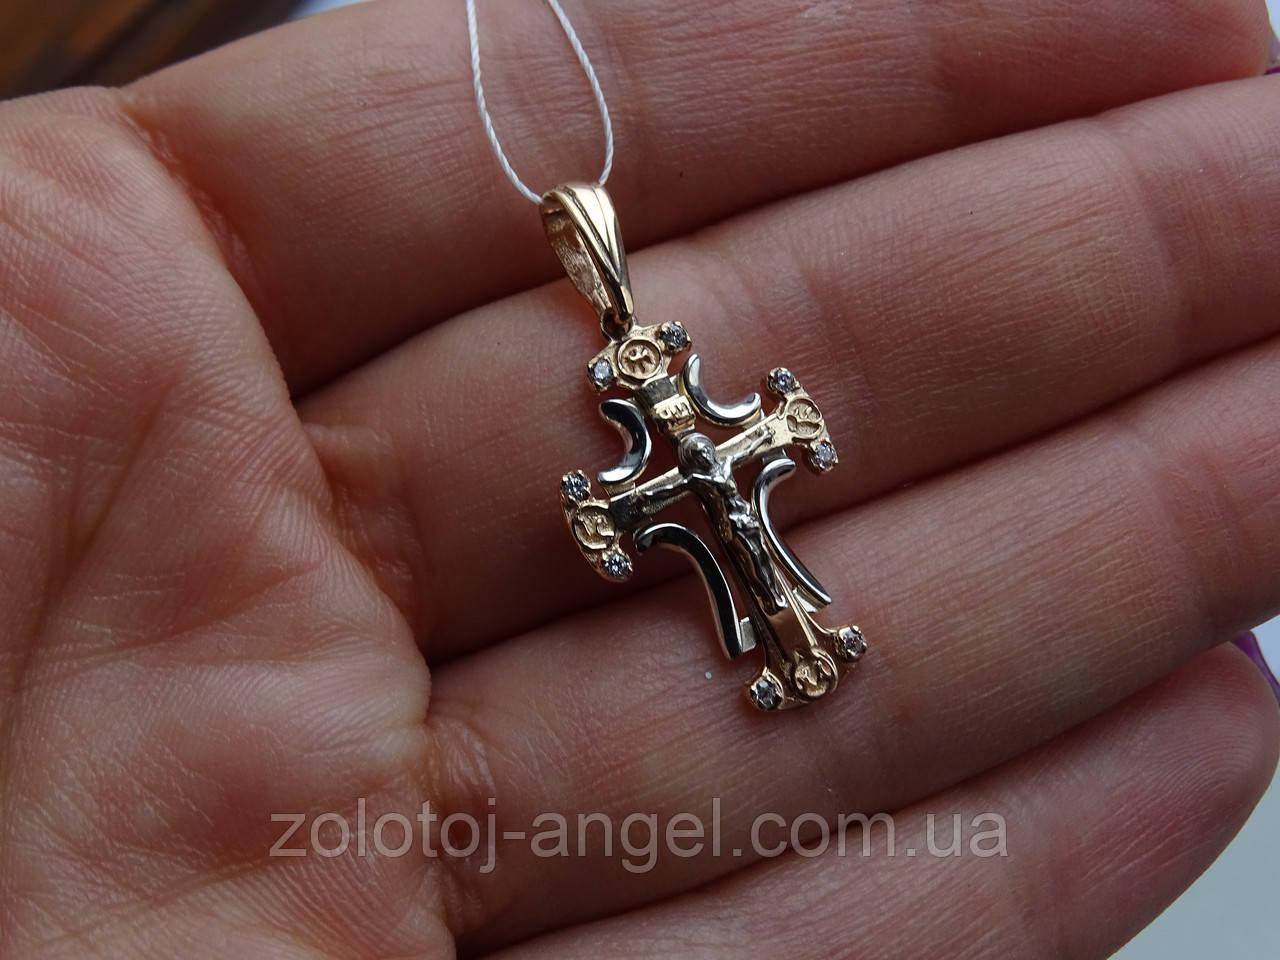 Золотой крест с белым цирконием